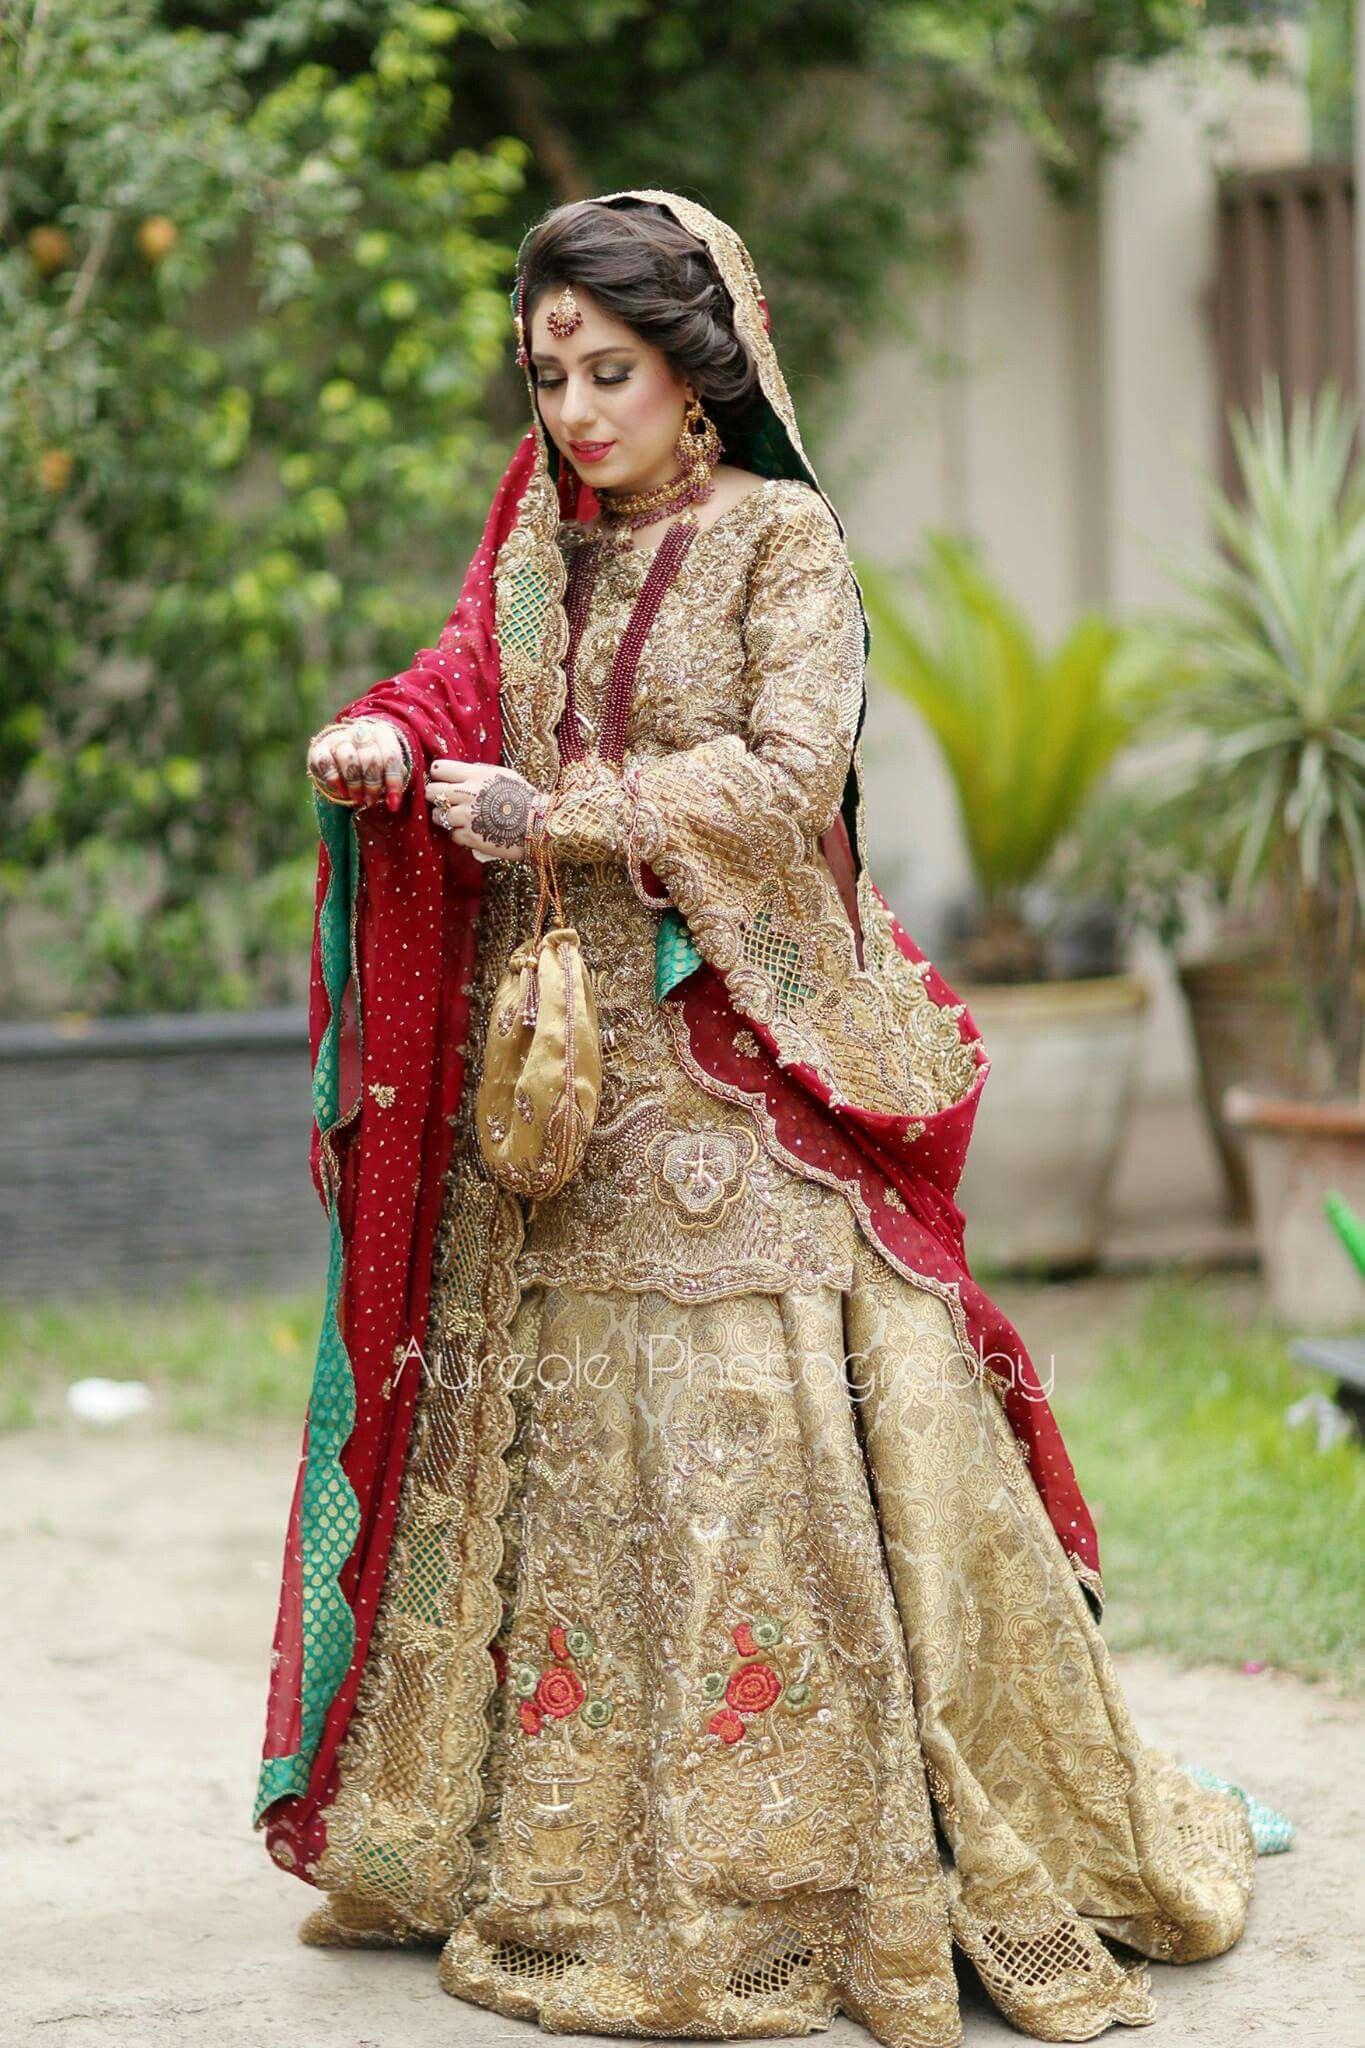 Pin de Maheen Meher...🎓 en Wedding Style ☆Nikah☆ | Pinterest